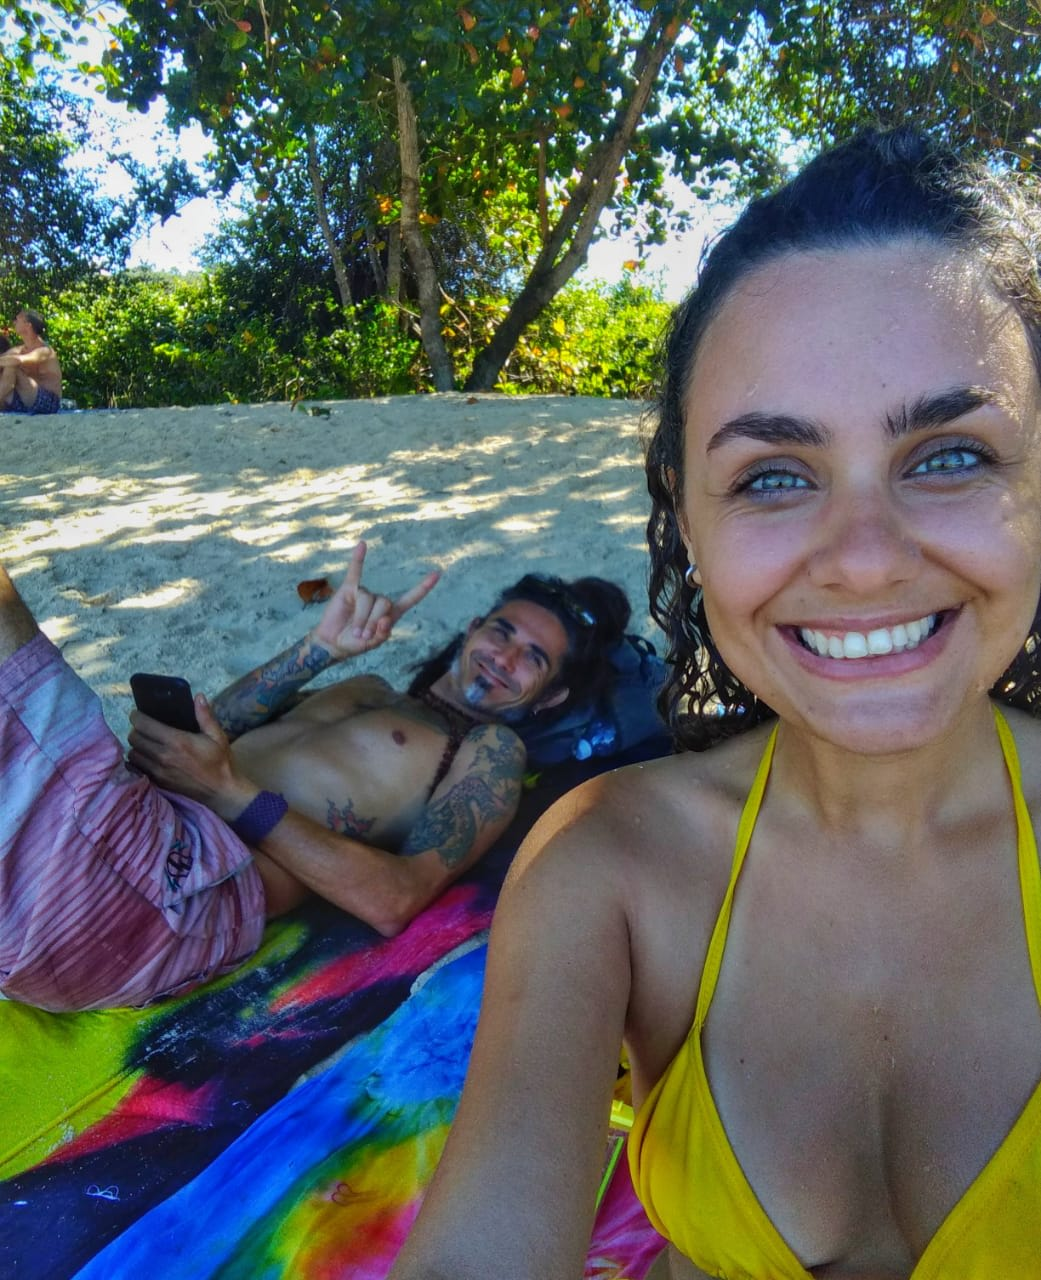 voluntária e anfitrião curtindo tempo livre na praia